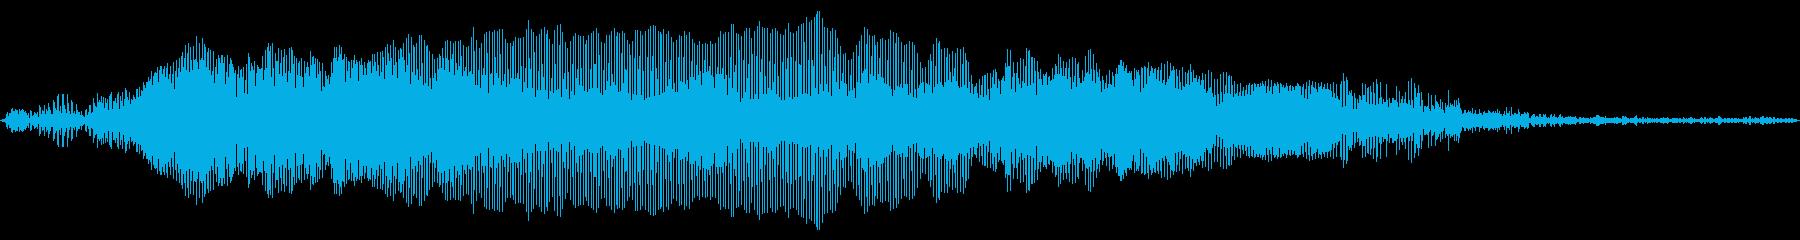 猫ニャー怒りの再生済みの波形